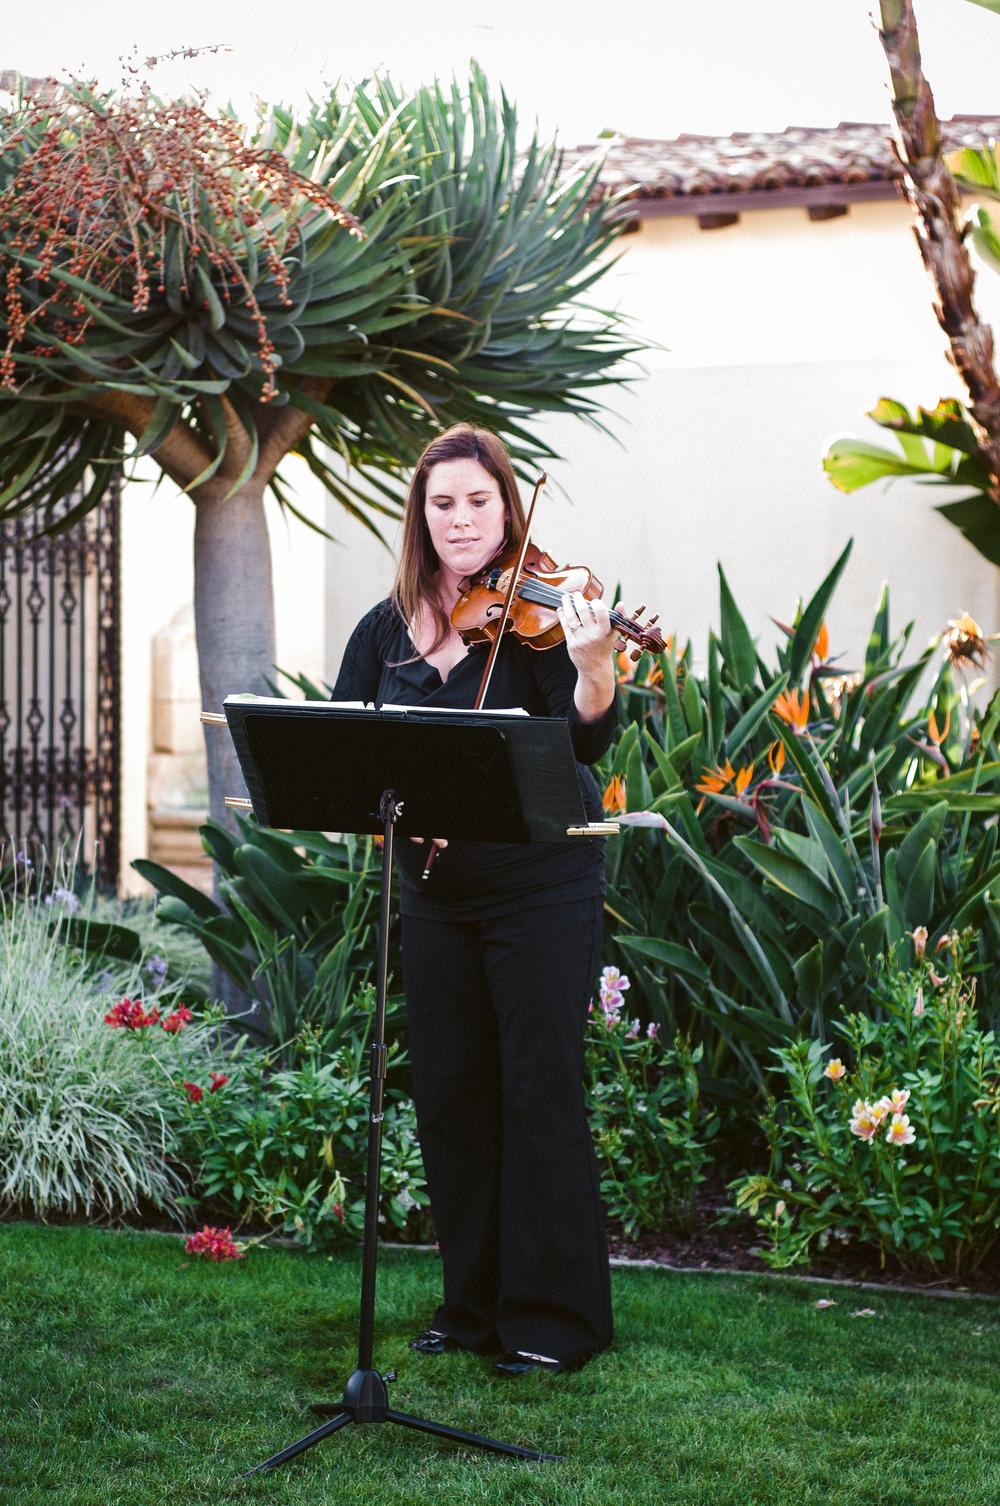 Photo by Amy Millard www.amysuemillard.com